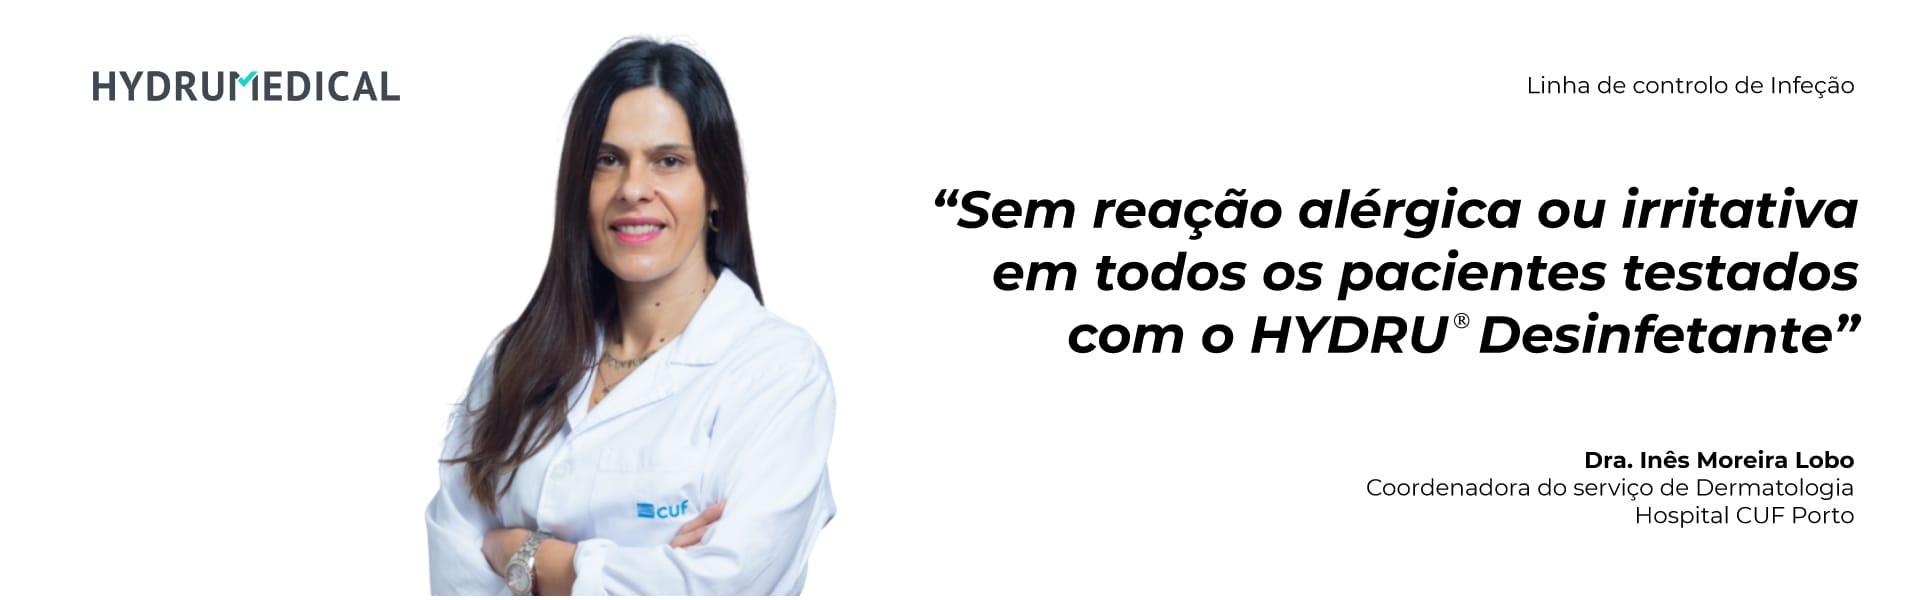 Dra Ines Lobo hospital CUF Hydrumedical